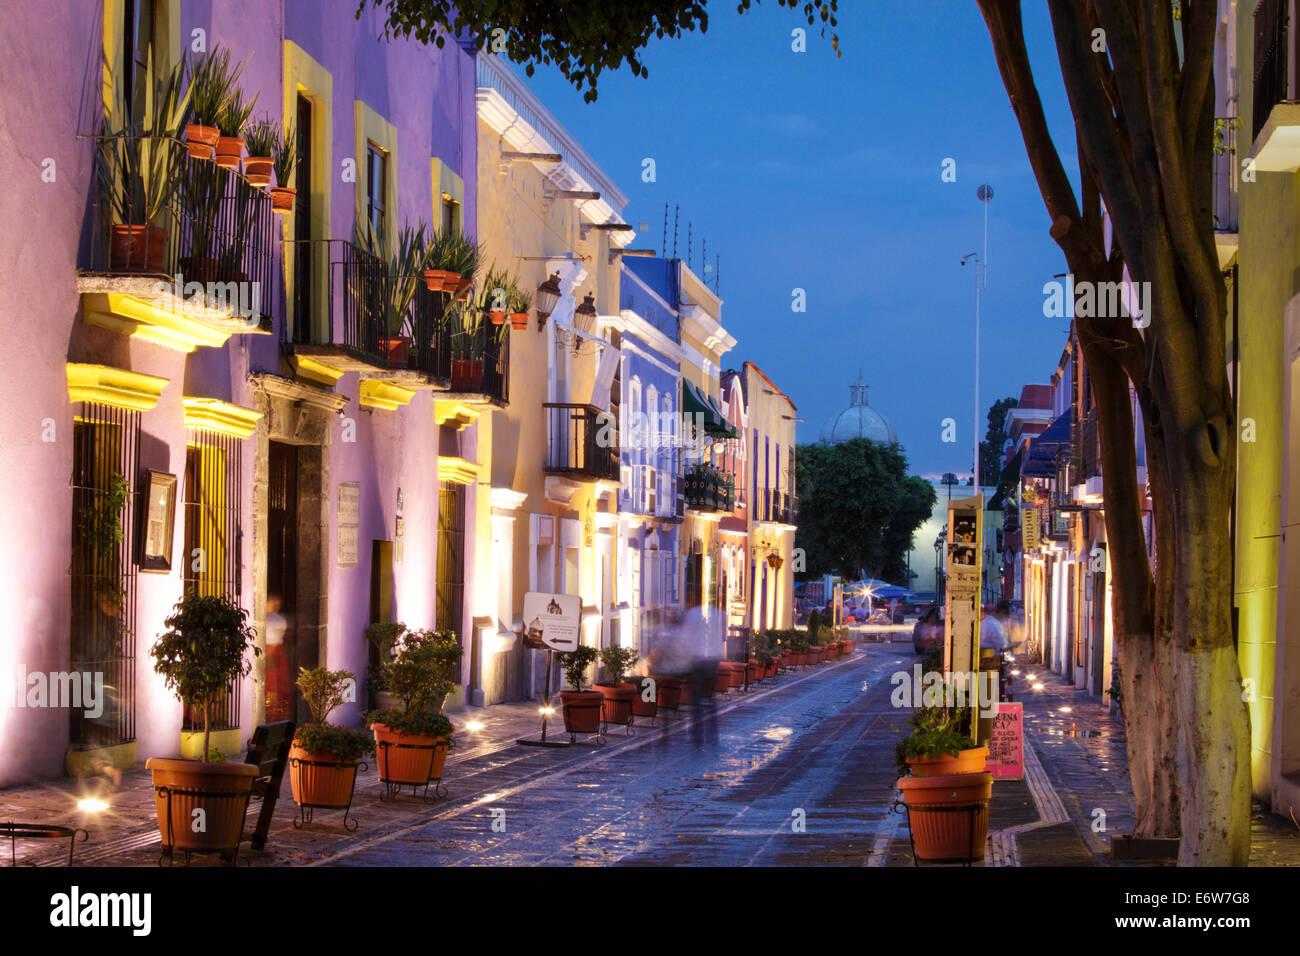 A couple walks down Calle de los Sapos at twilight in Puebla, Mexico - Stock Image